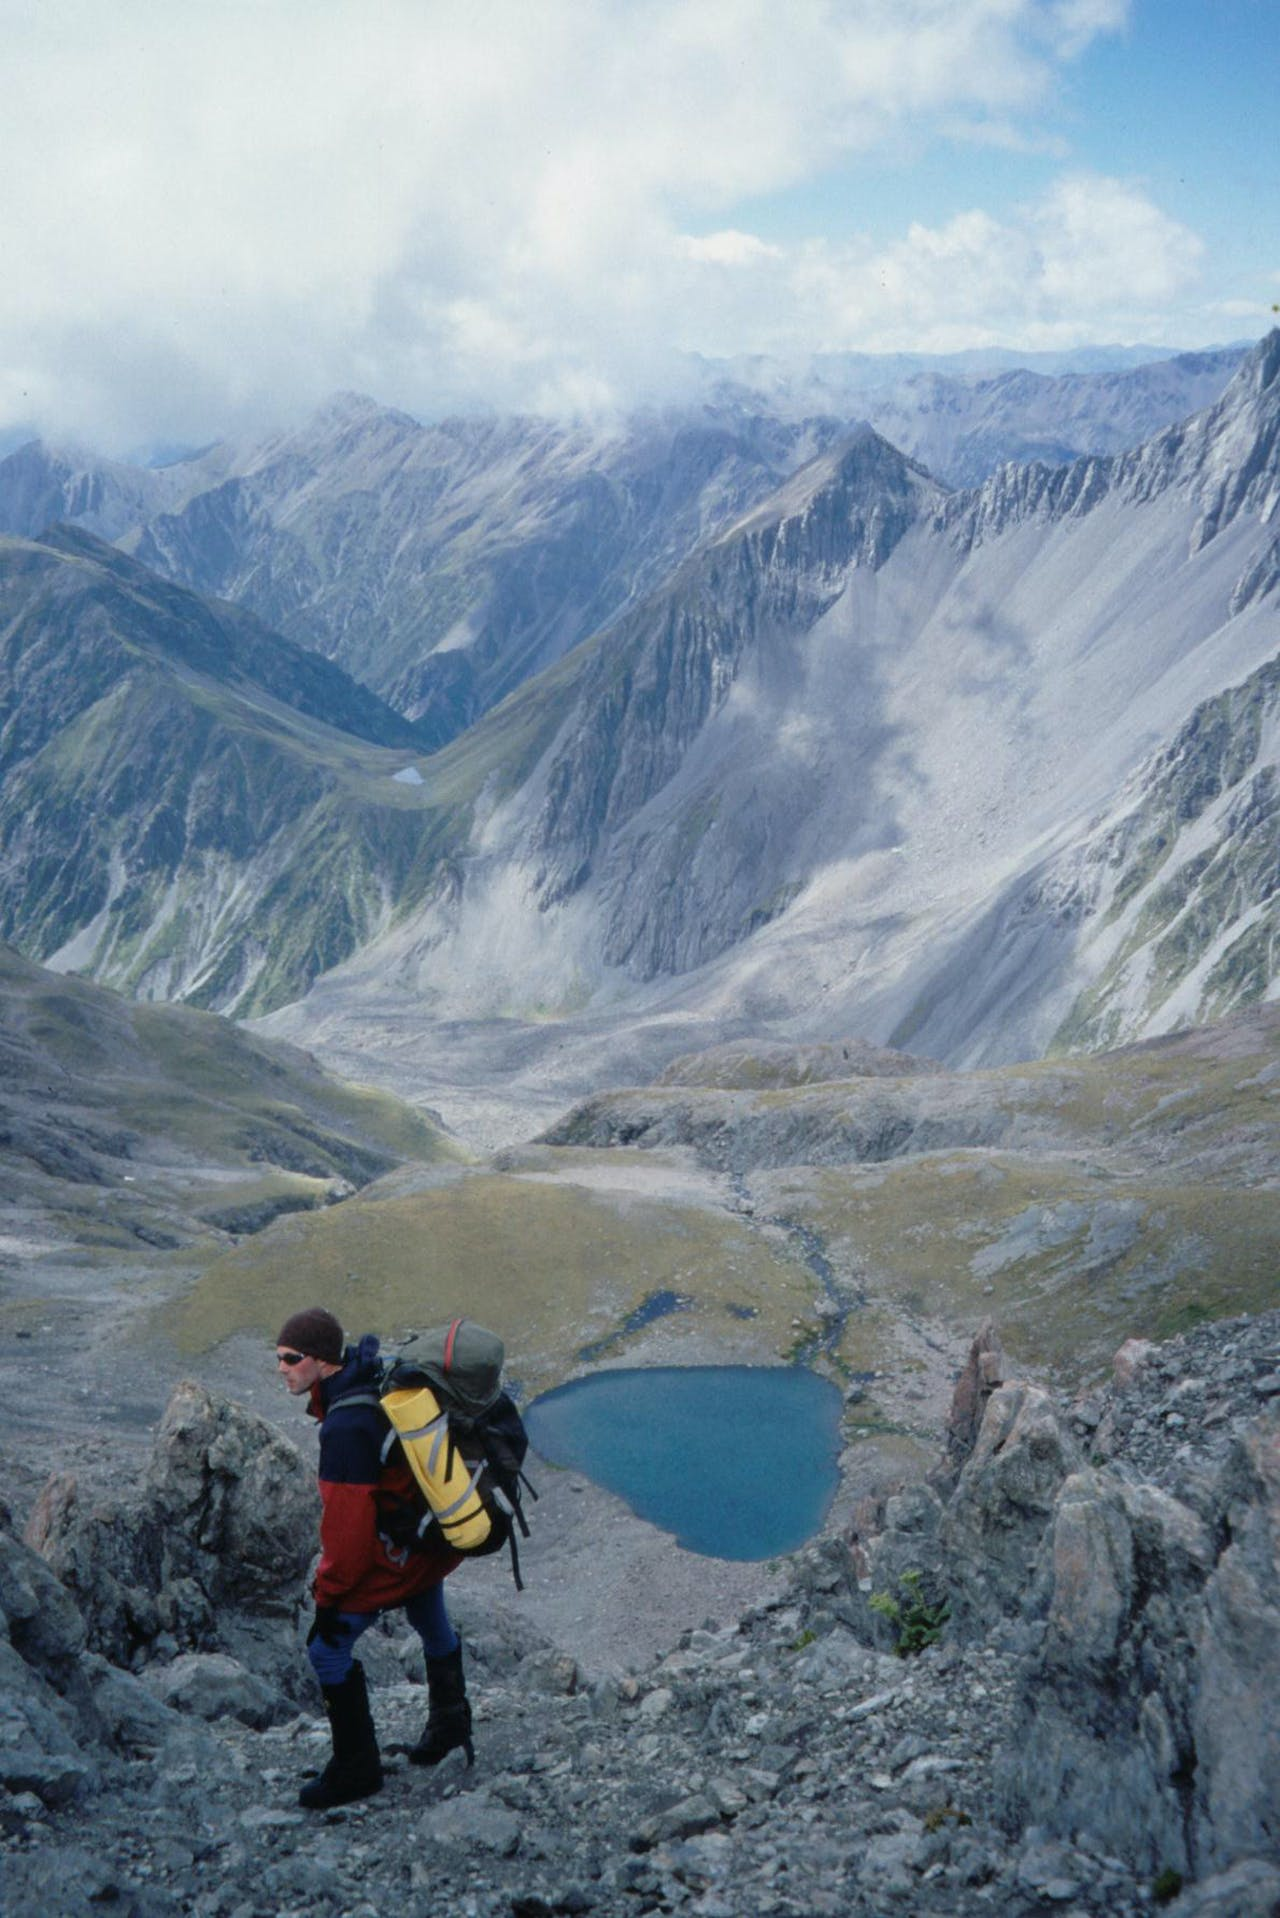 Surveying Taruahana Pass and Tarn Col from the ridge above Lake Mavis. Photo: Richard Davies